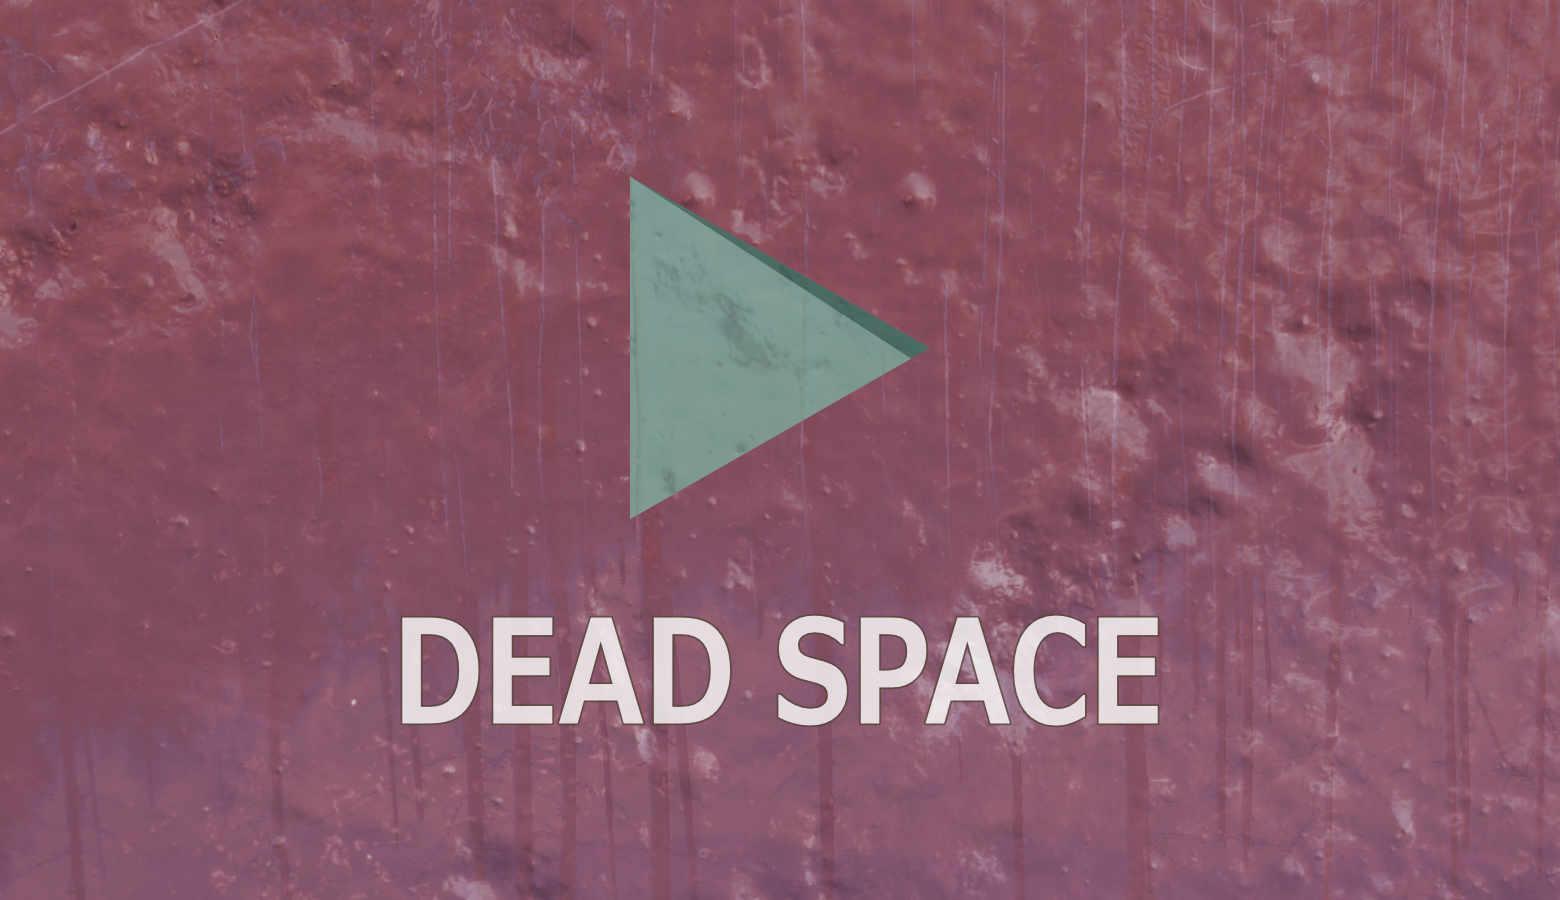 DEAD SPACE(デッドスペース)の実況プレイ:お正月はおせちを食べながら実況プレイを見よう!【その5】